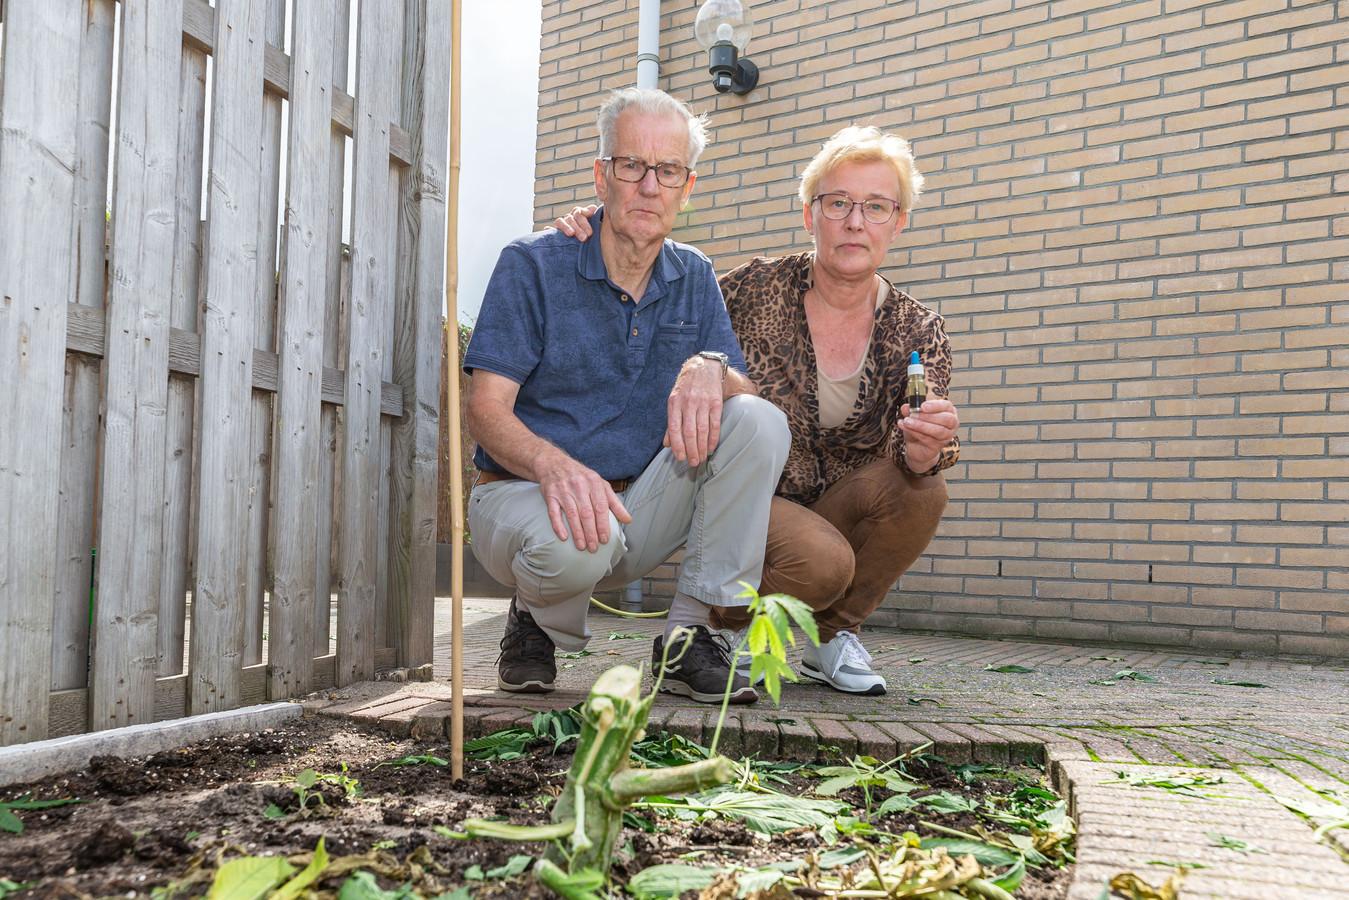 Jan en Jannie van Raalte zonder wietplanten in hun tuin, de politie haalde de planten weg terwijl het echtpaar niet thuis was.